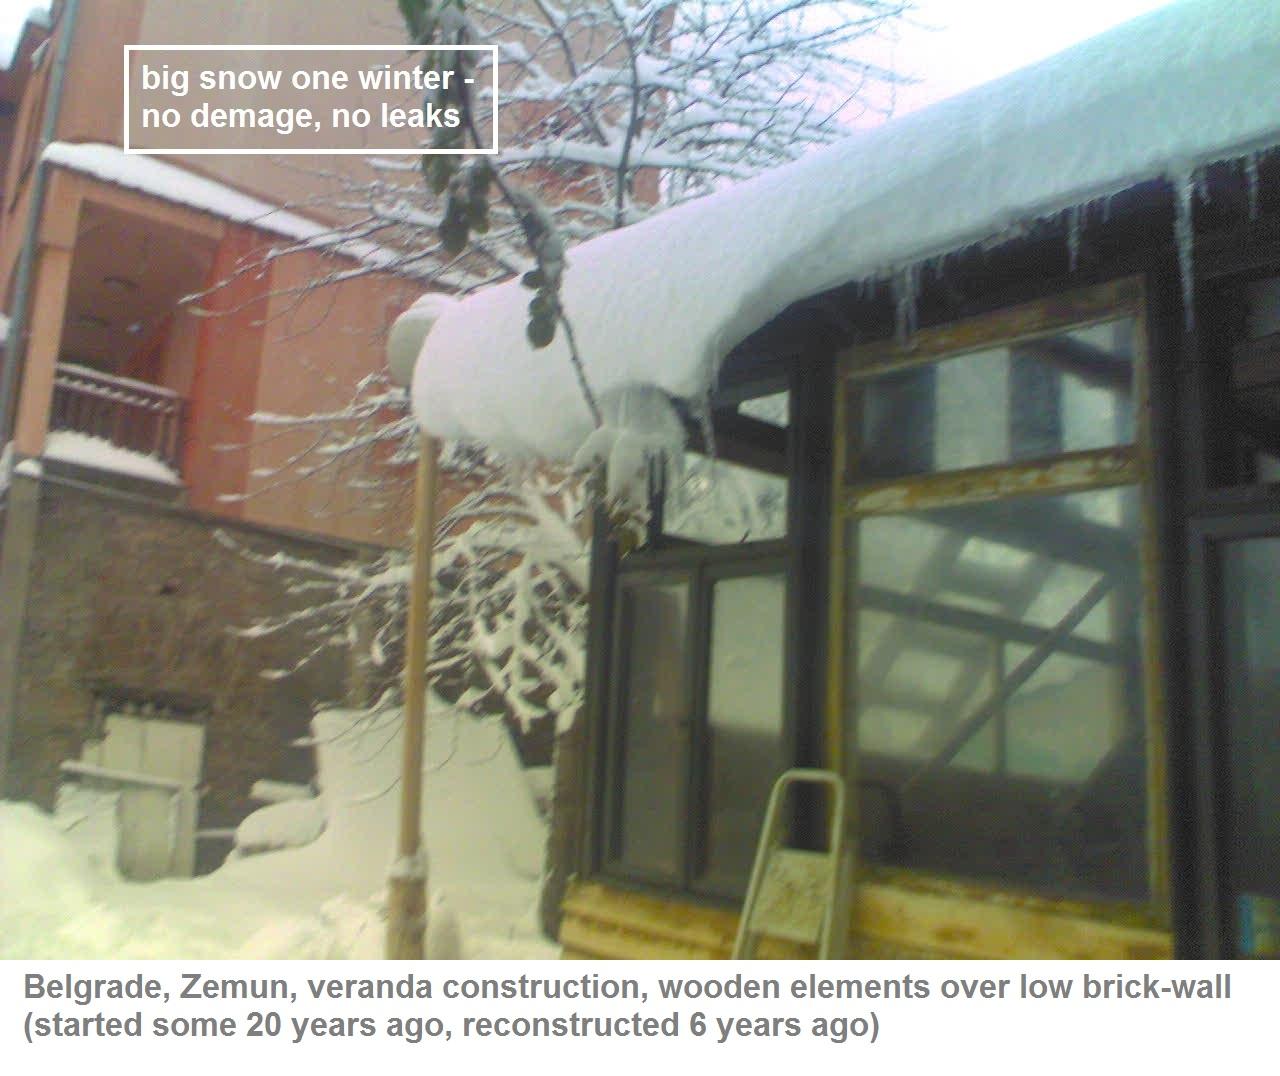 Picture of CLOSED VERANDA FOR SMALL HOUSE IN ZEMUN, BELGRADE, SERBIA